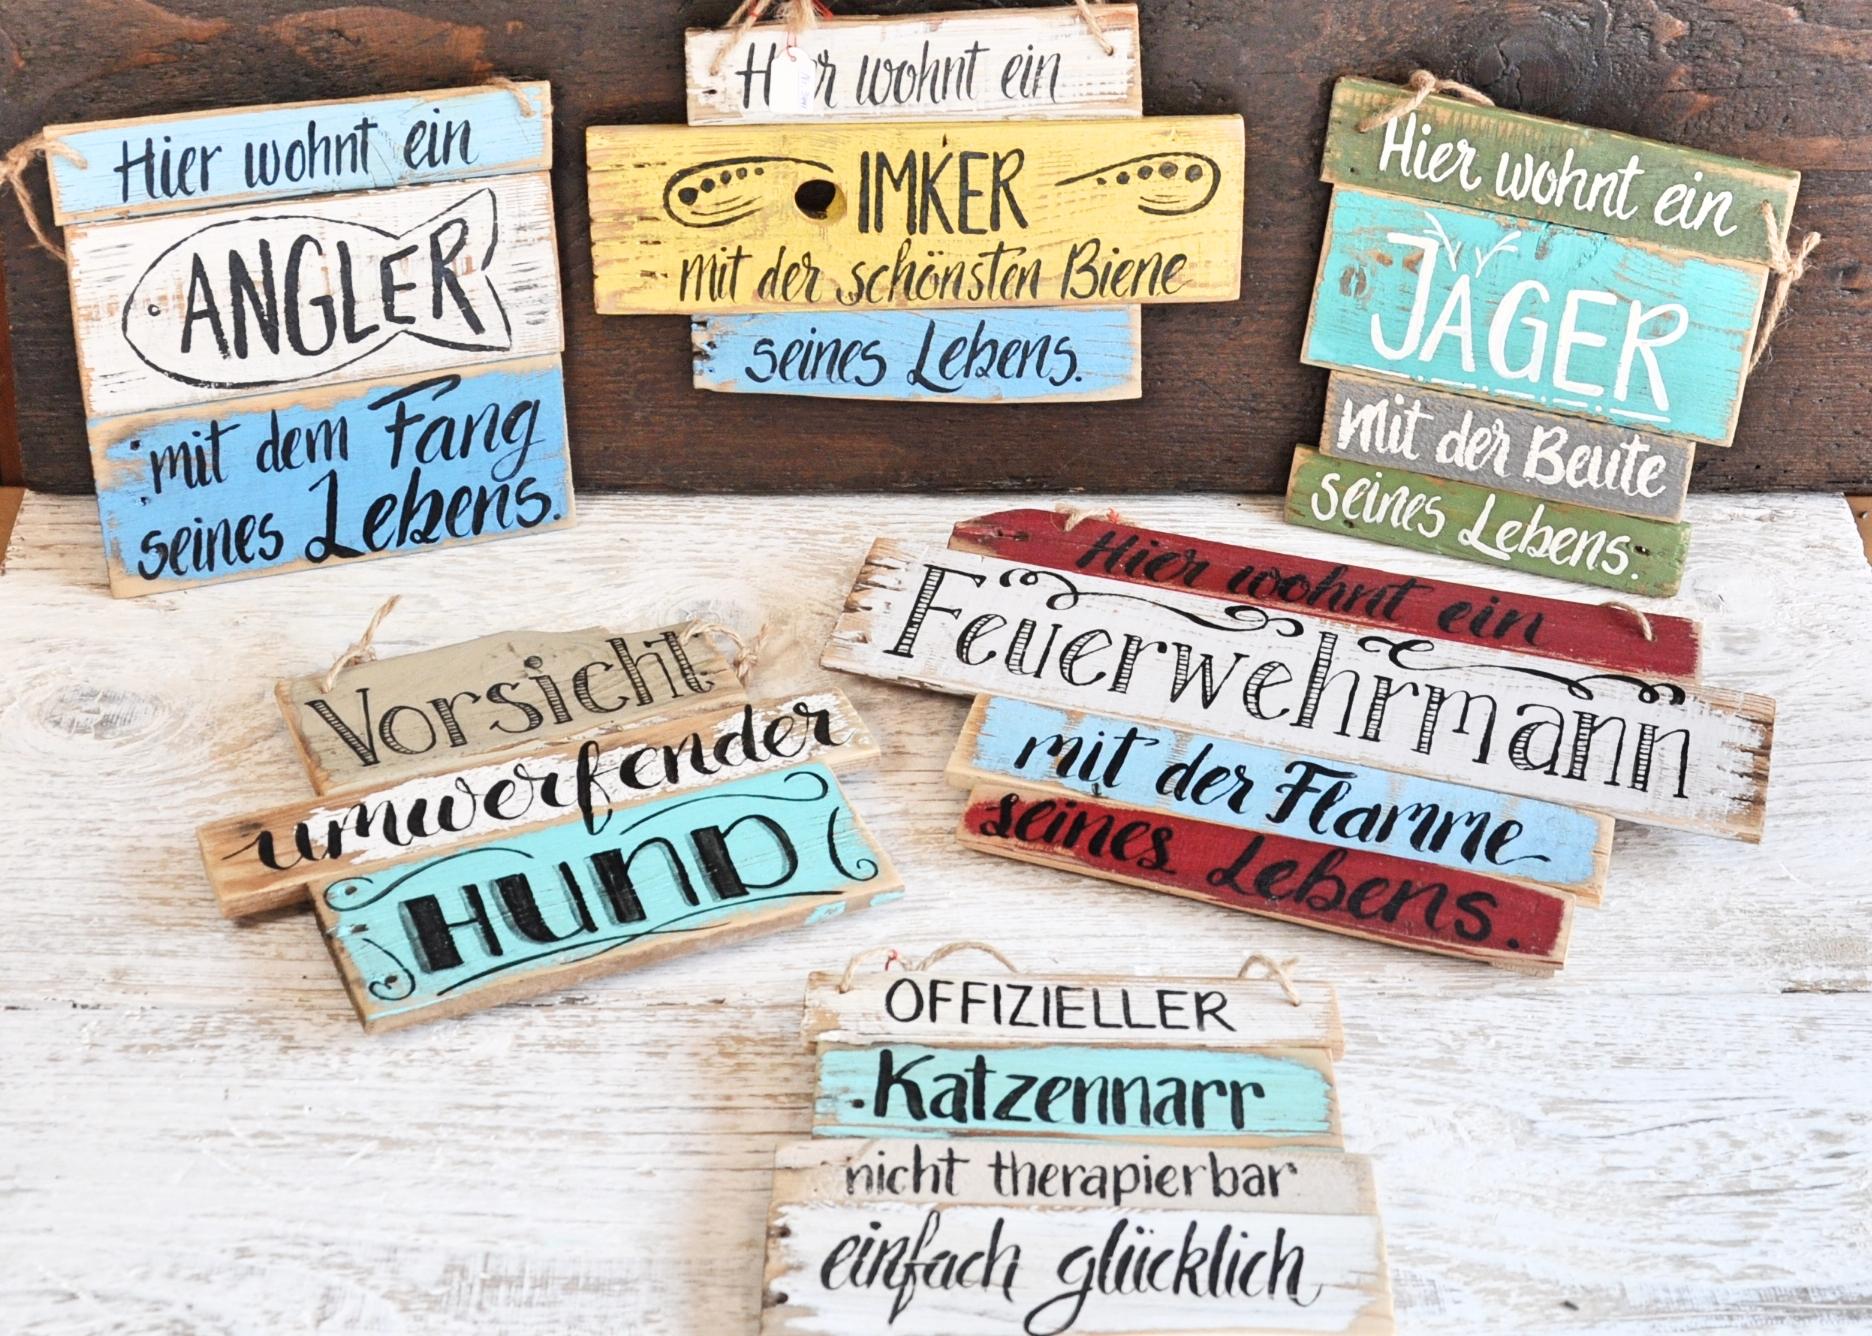 Hobby: Angler, Feuerwhermann, Imker, Jäger & Haustiere